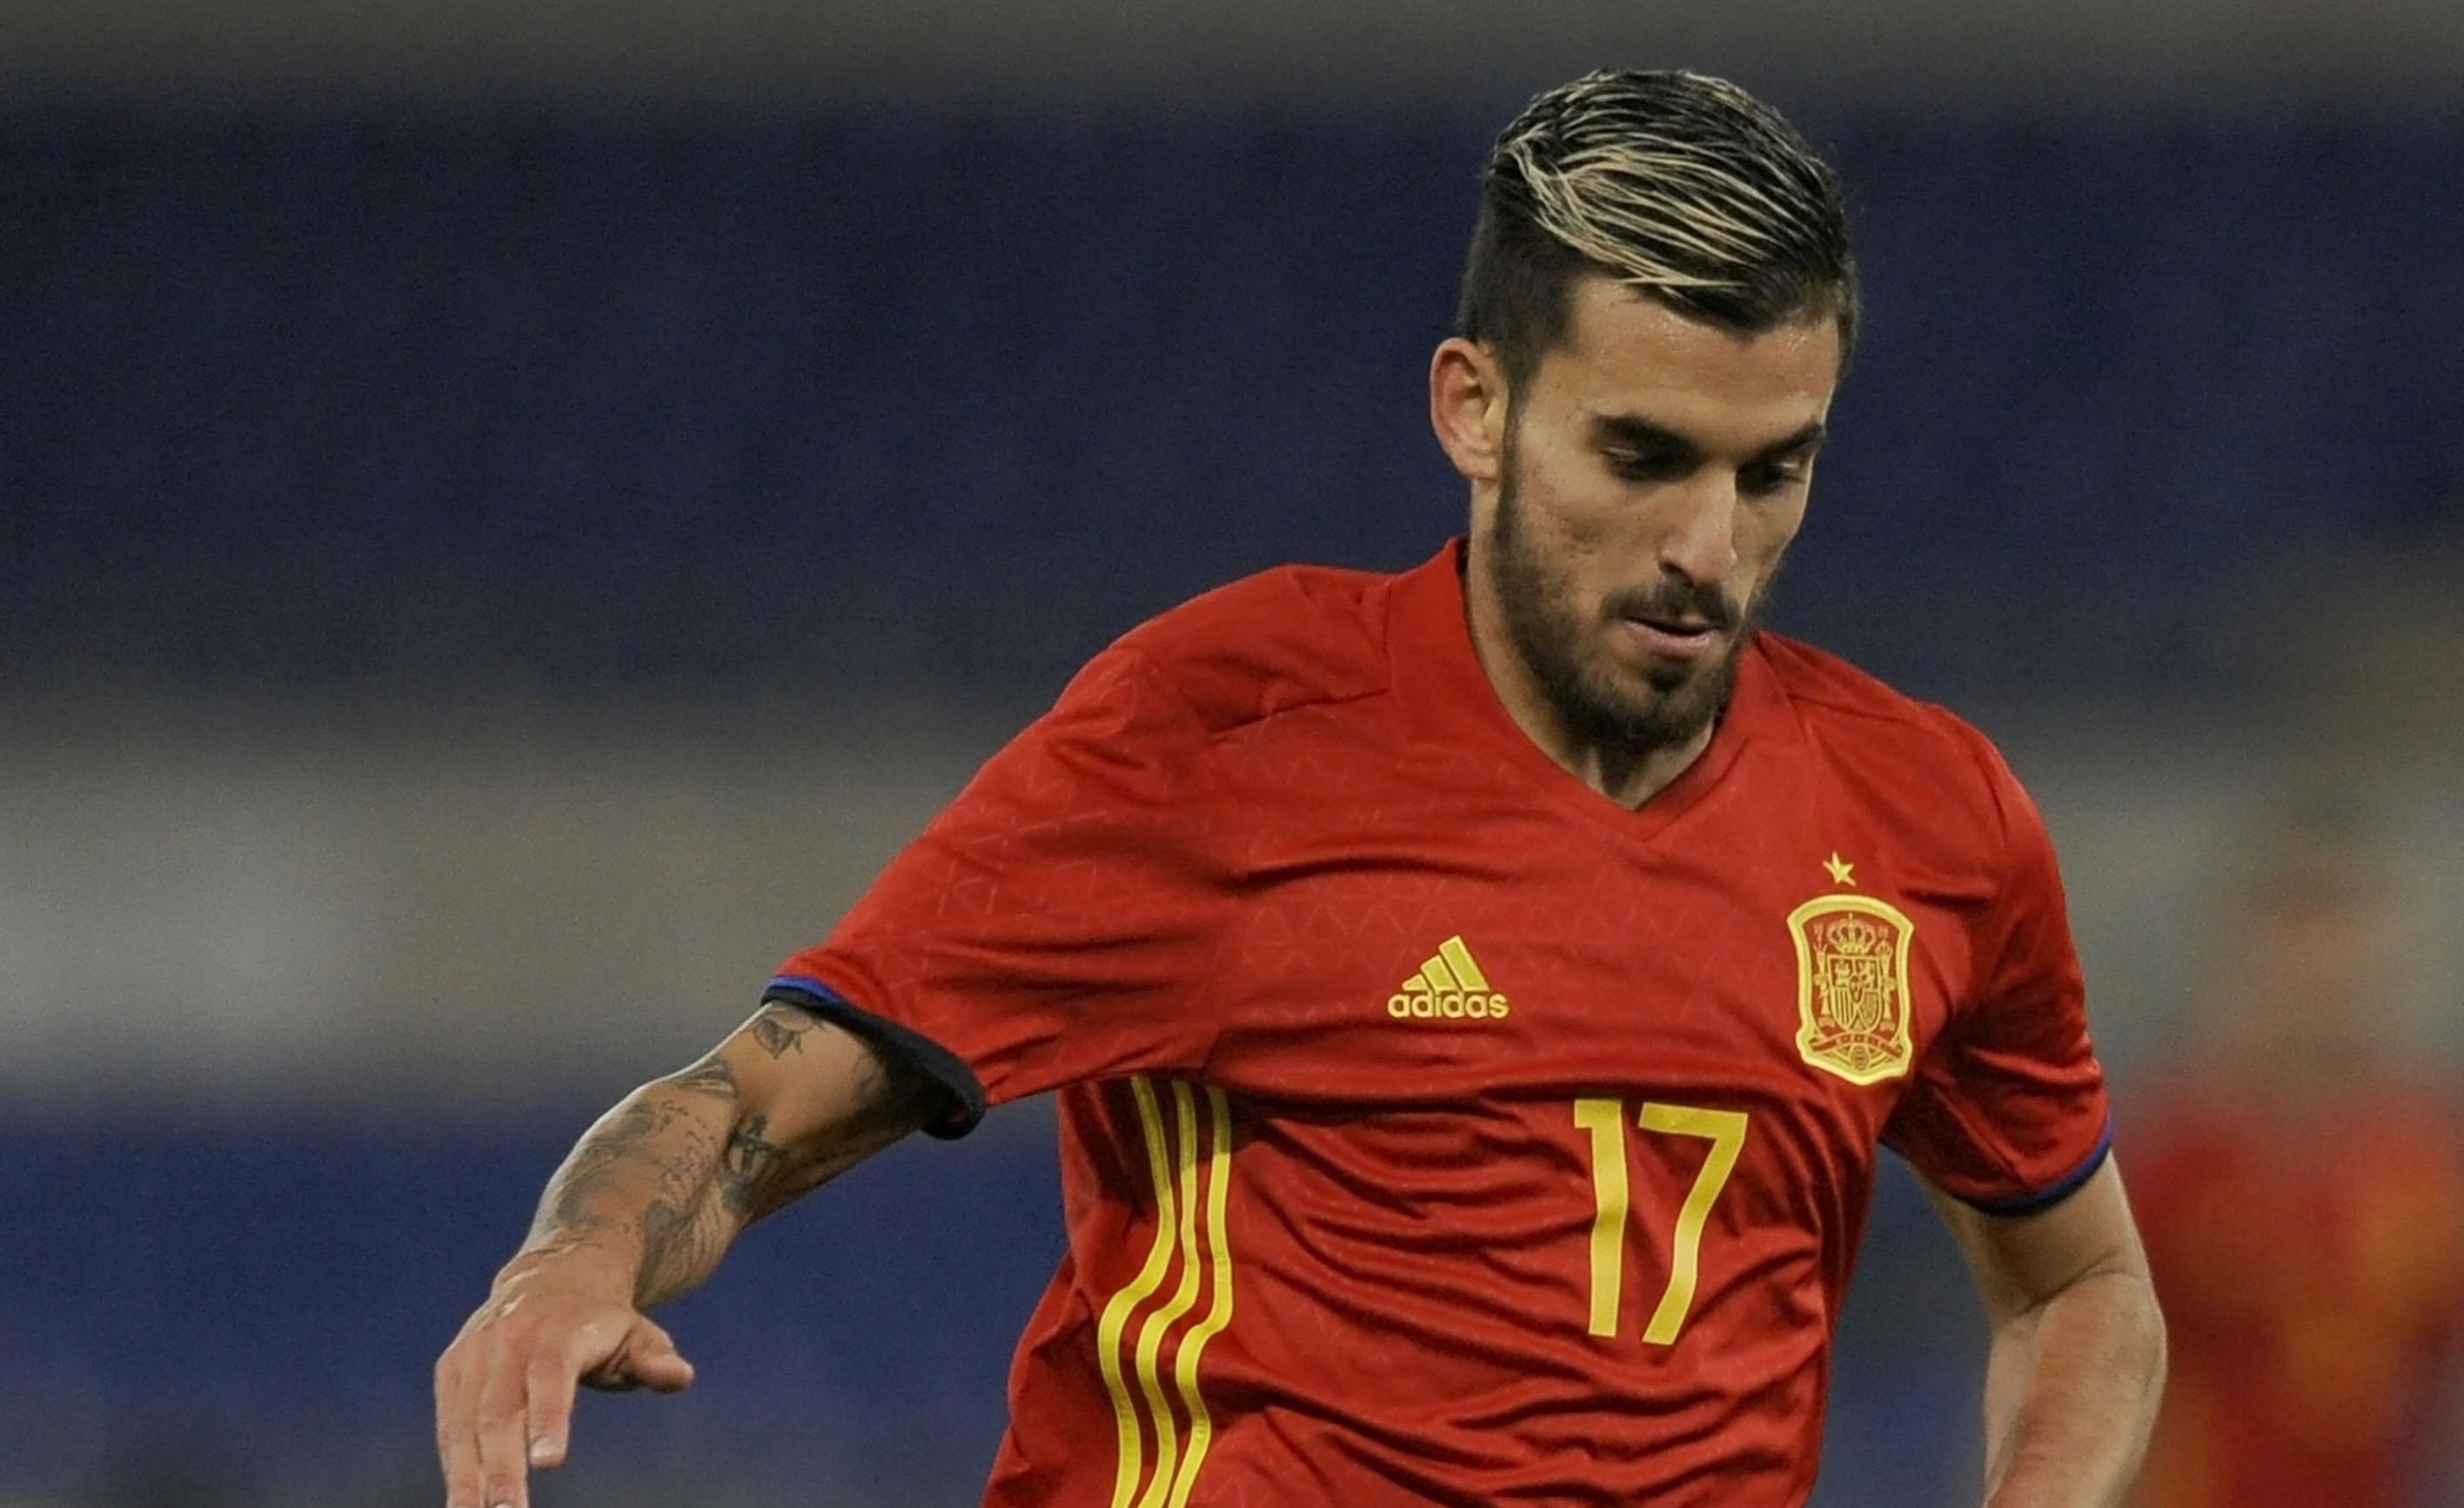 Испанският полузащитник Дани Себайос пристигна в Мадрид вчера вечерта и